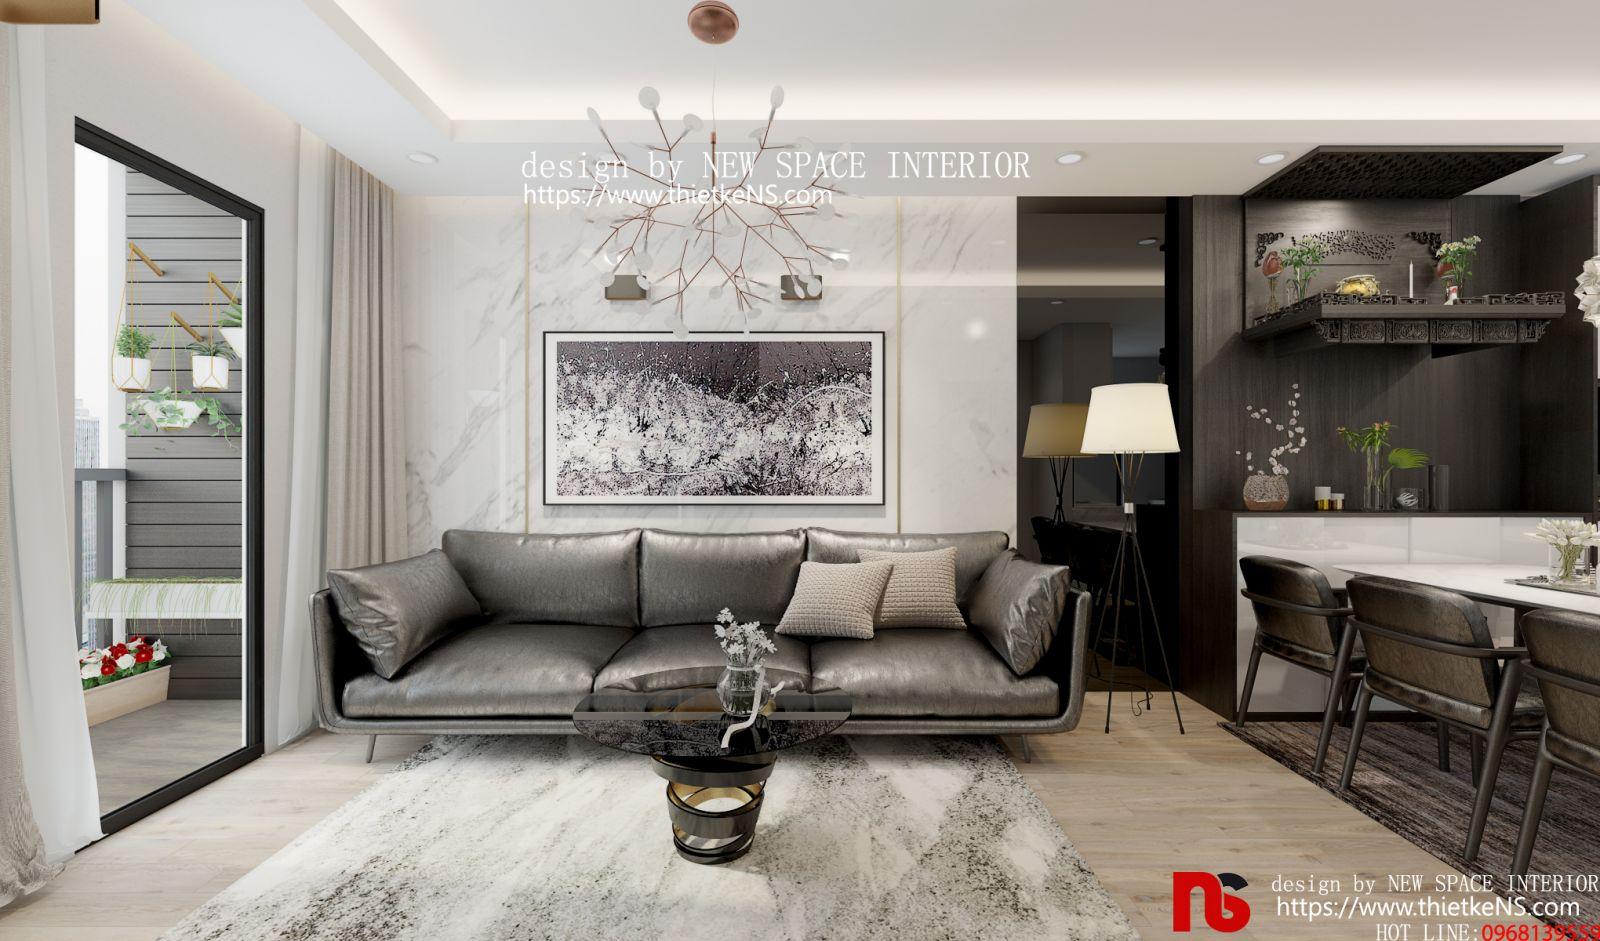 Thiết kế nội thất chung cư khu vực phòng khách